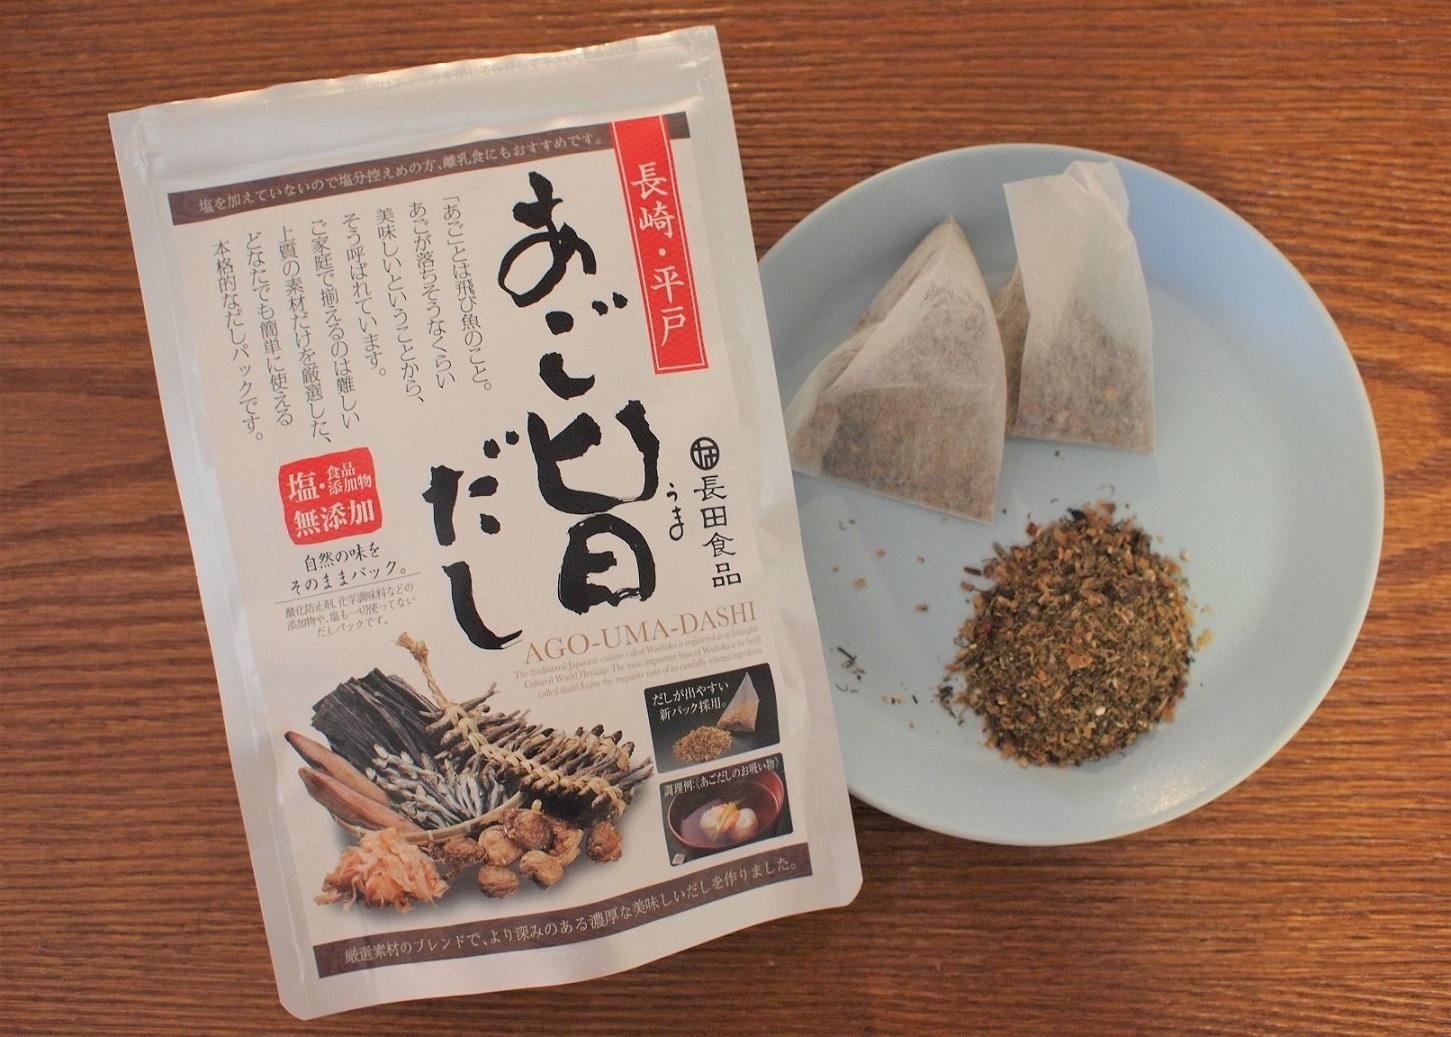 長田食品「あご旨だし」